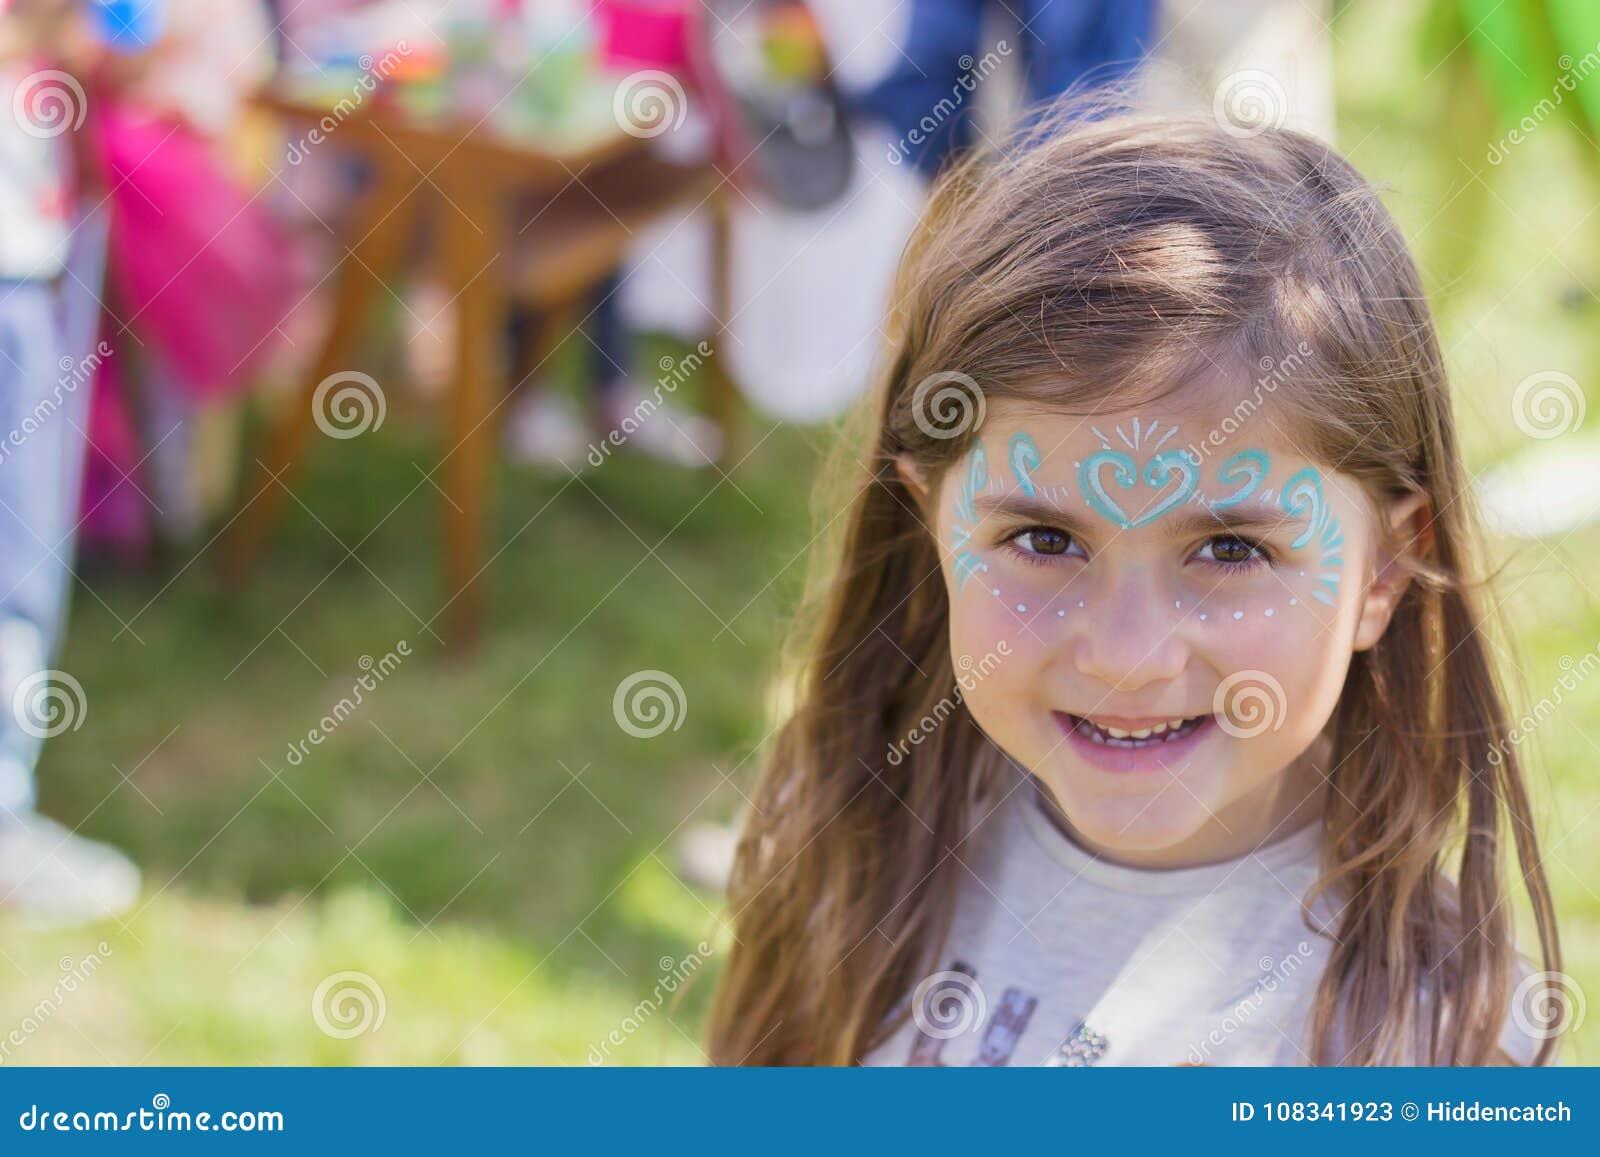 Porträt im Freien eines schönen kleinen Mädchens mit gemaltem Gesicht